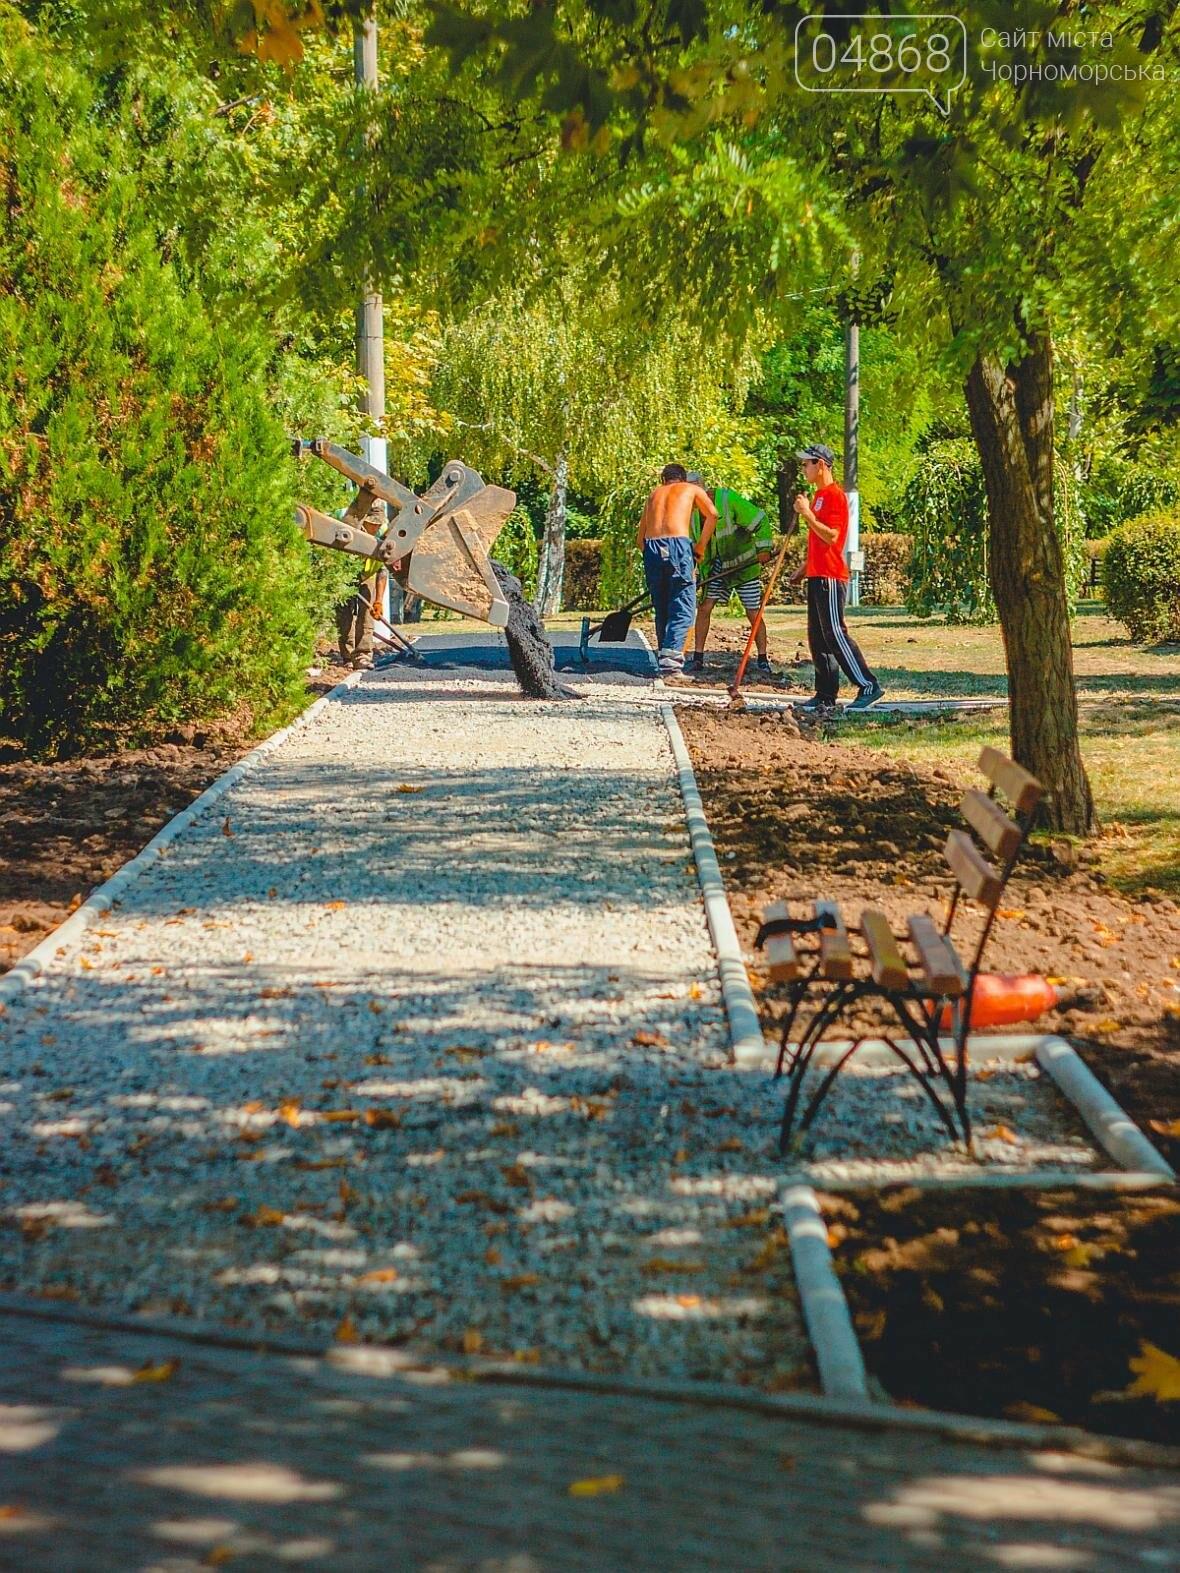 Предприятия Черноморска готовят Приморский парк ко Дню цветов (фото), фото-8